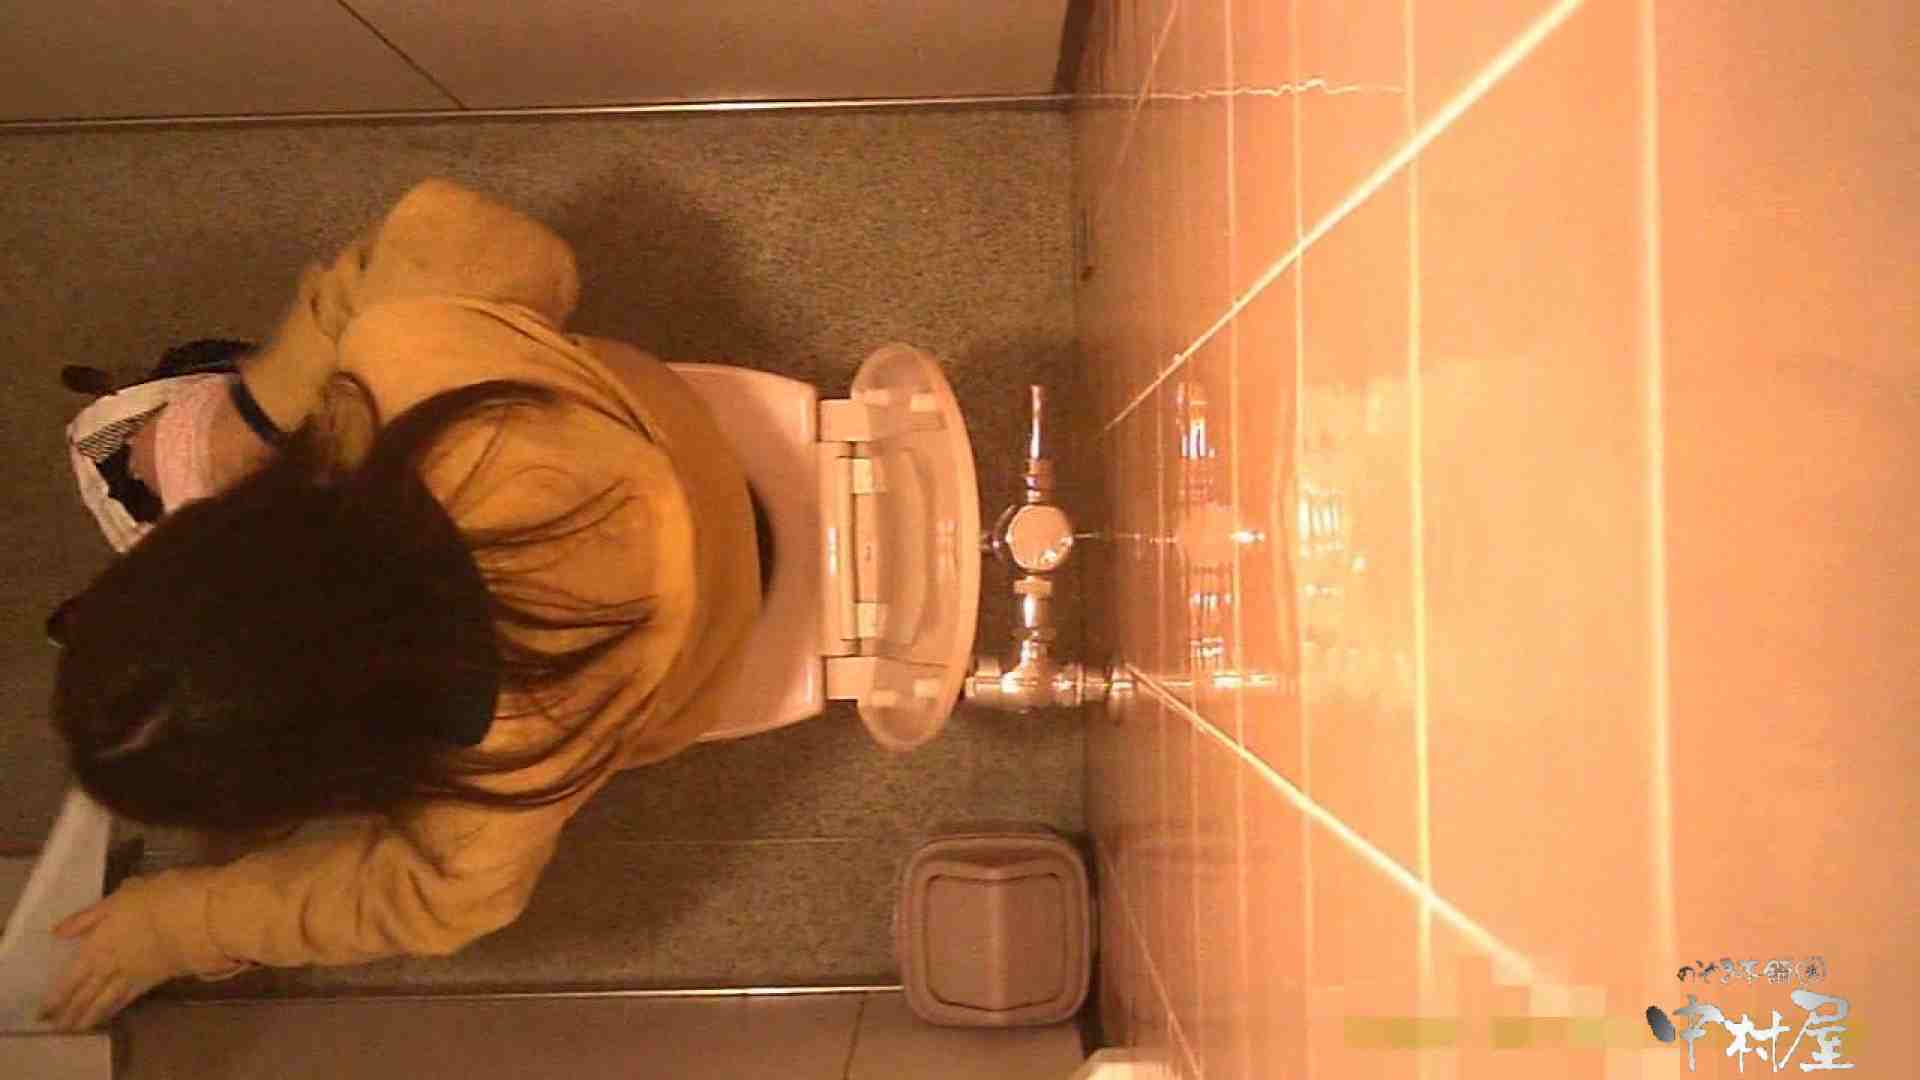 初盗撮!女盗撮師カレンさんの 潜入!女子トイレ盗撮!Vol.5 美女 | 女子トイレ  99画像 13